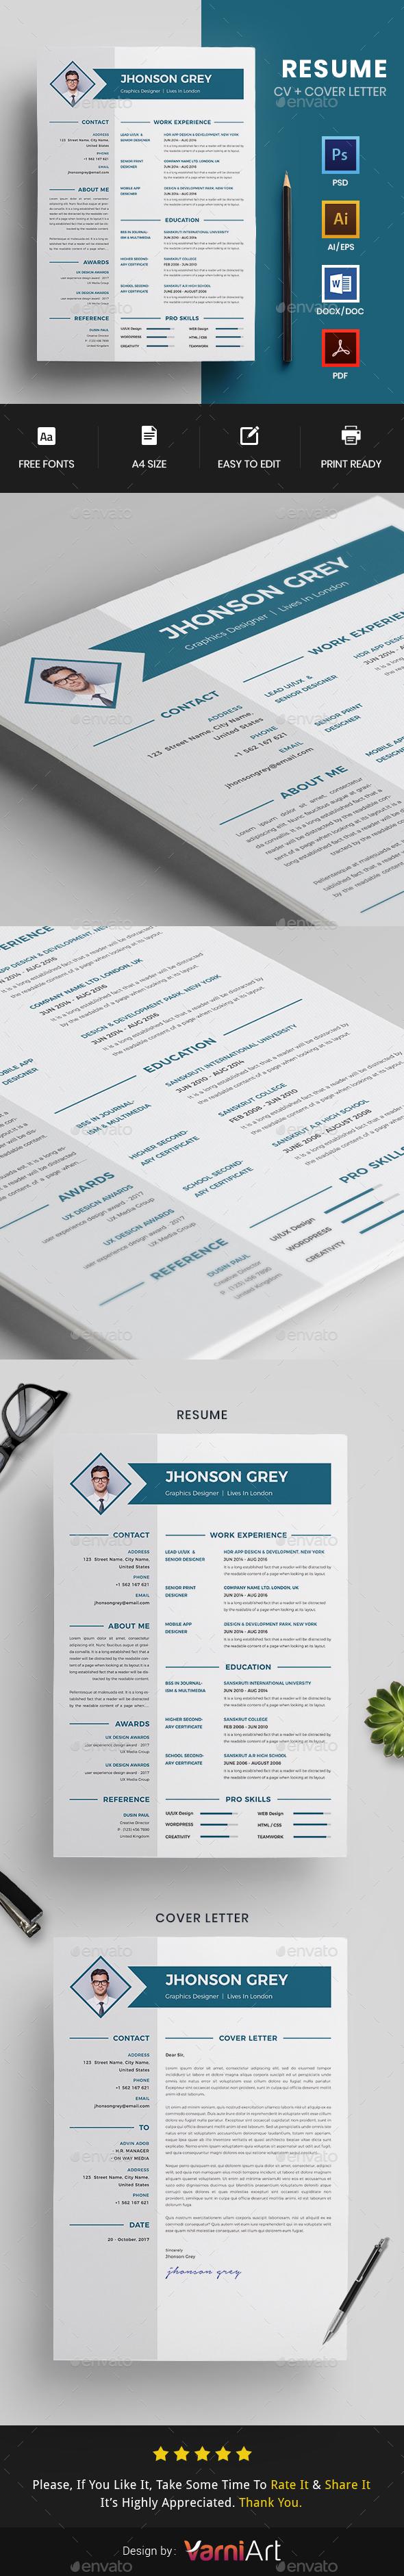 GraphicRiver CV Resume 20875914